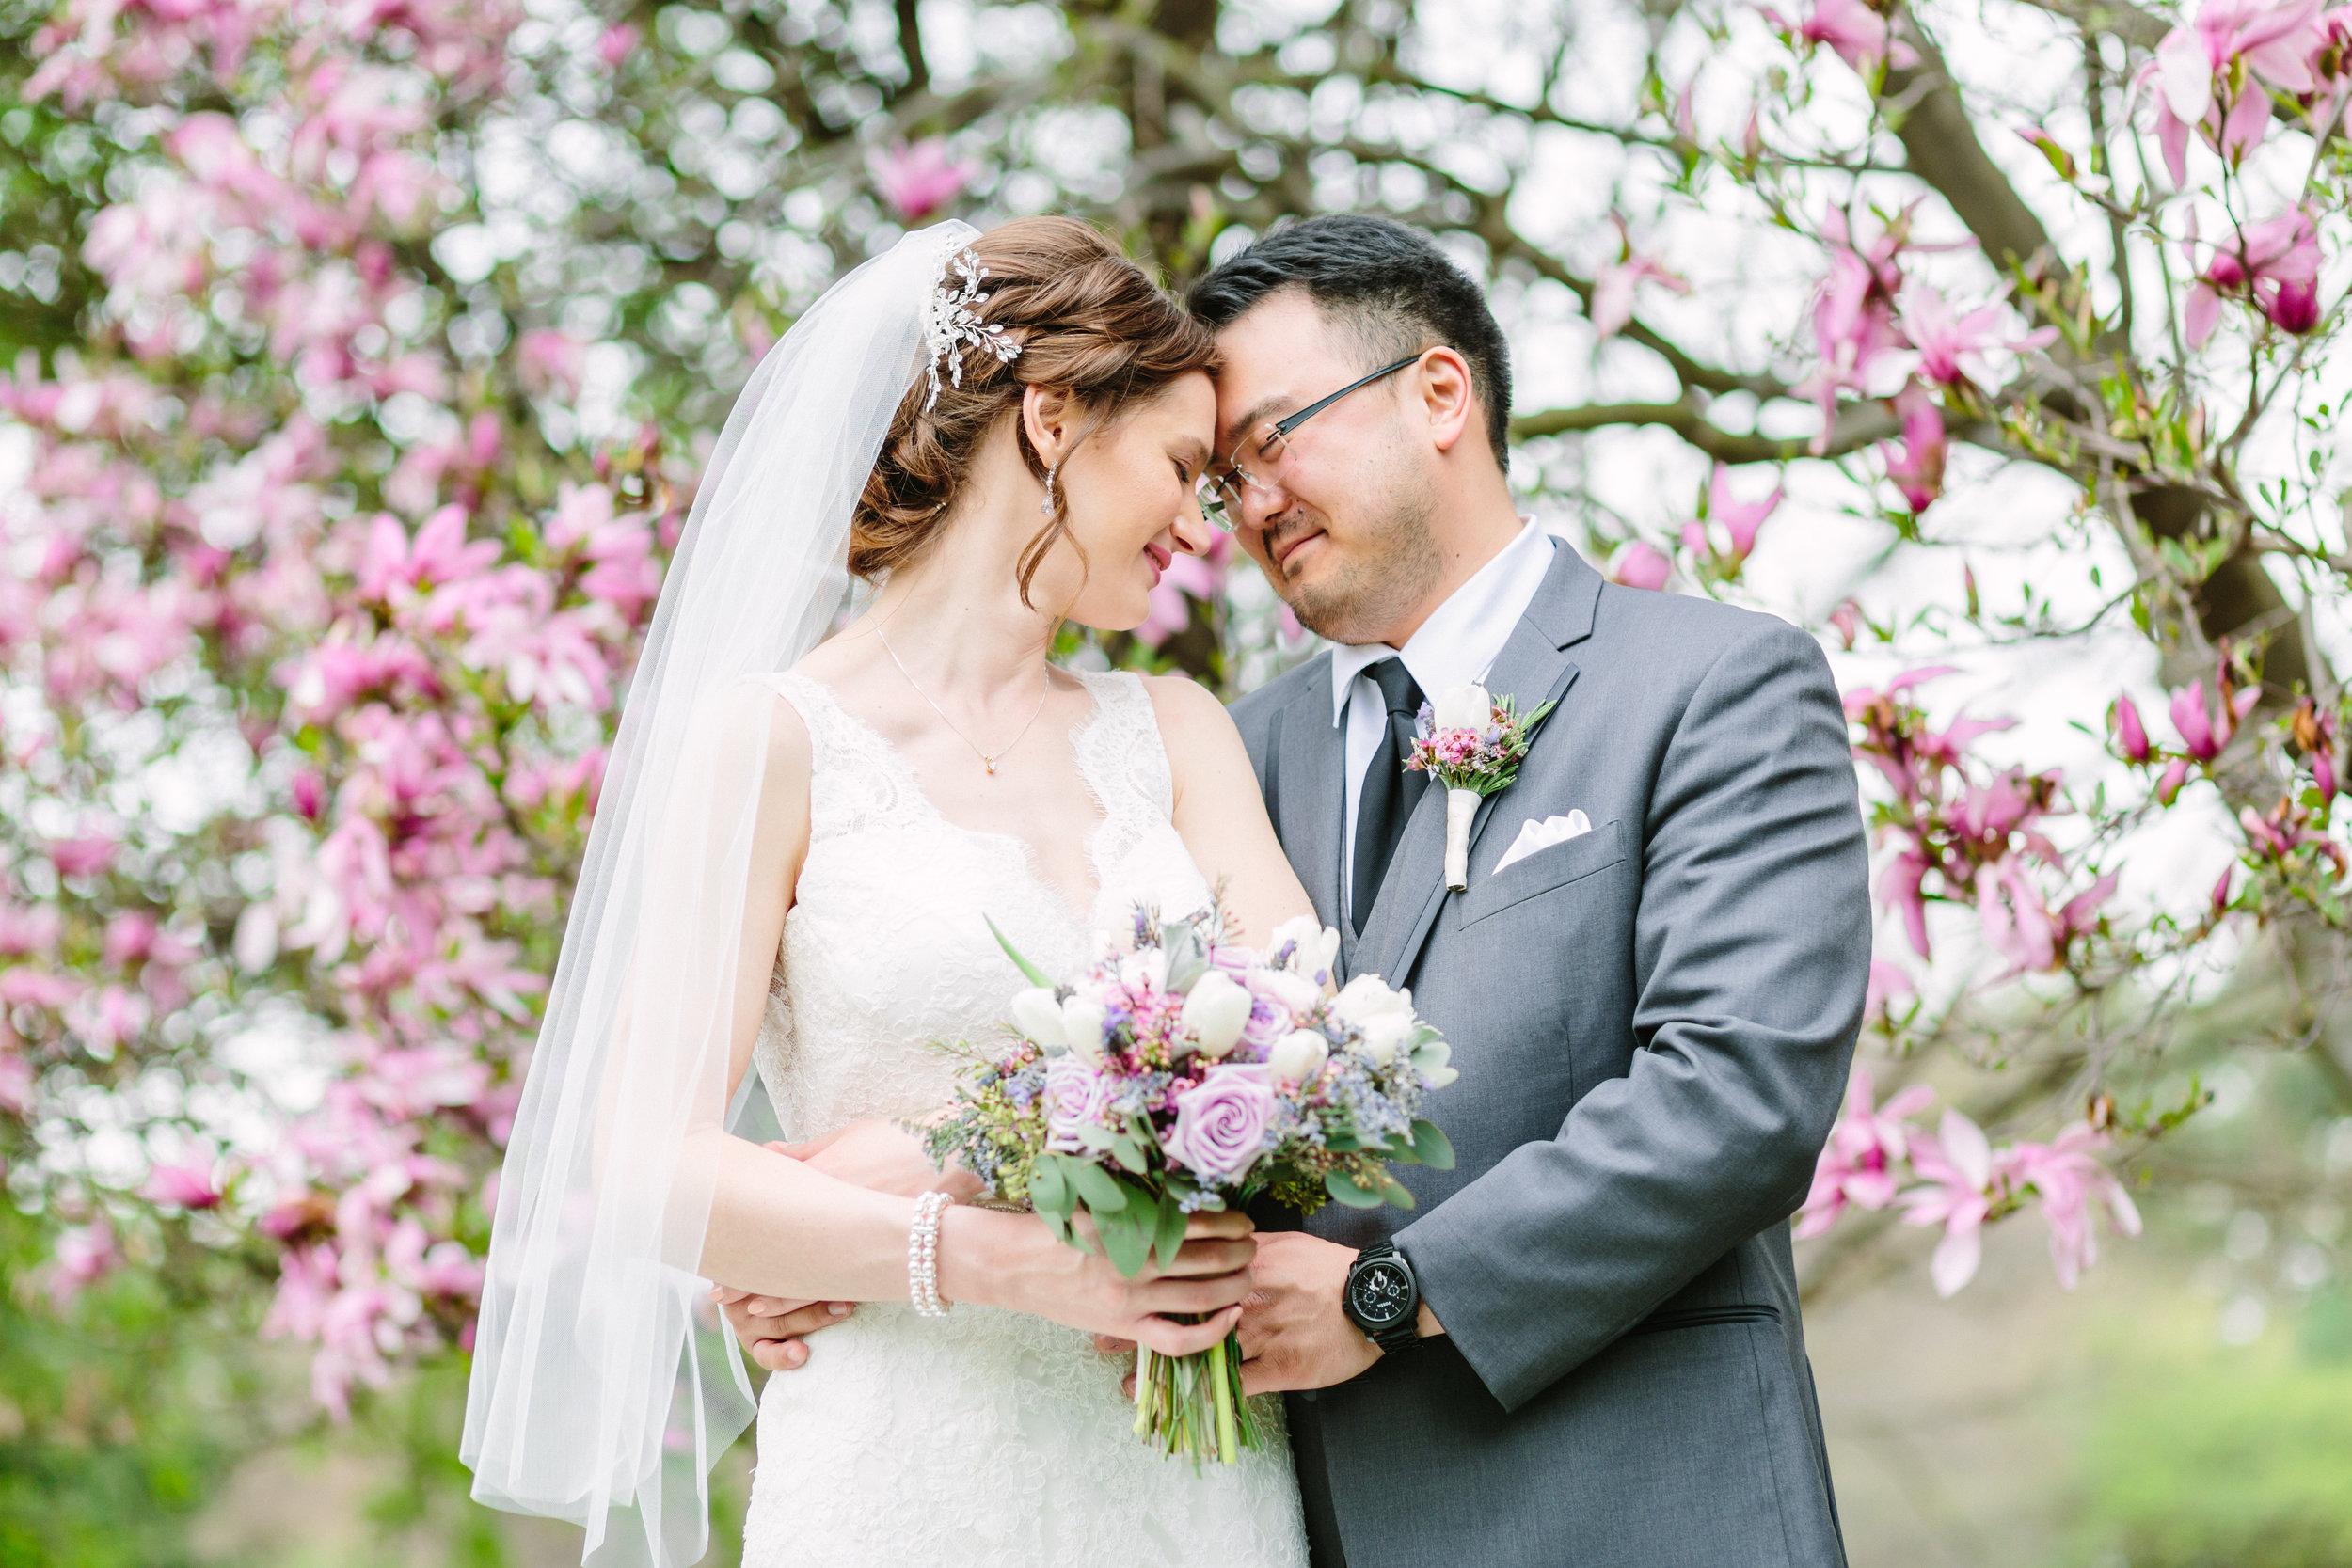 Wedding photos at fellows riverside gardens in spring